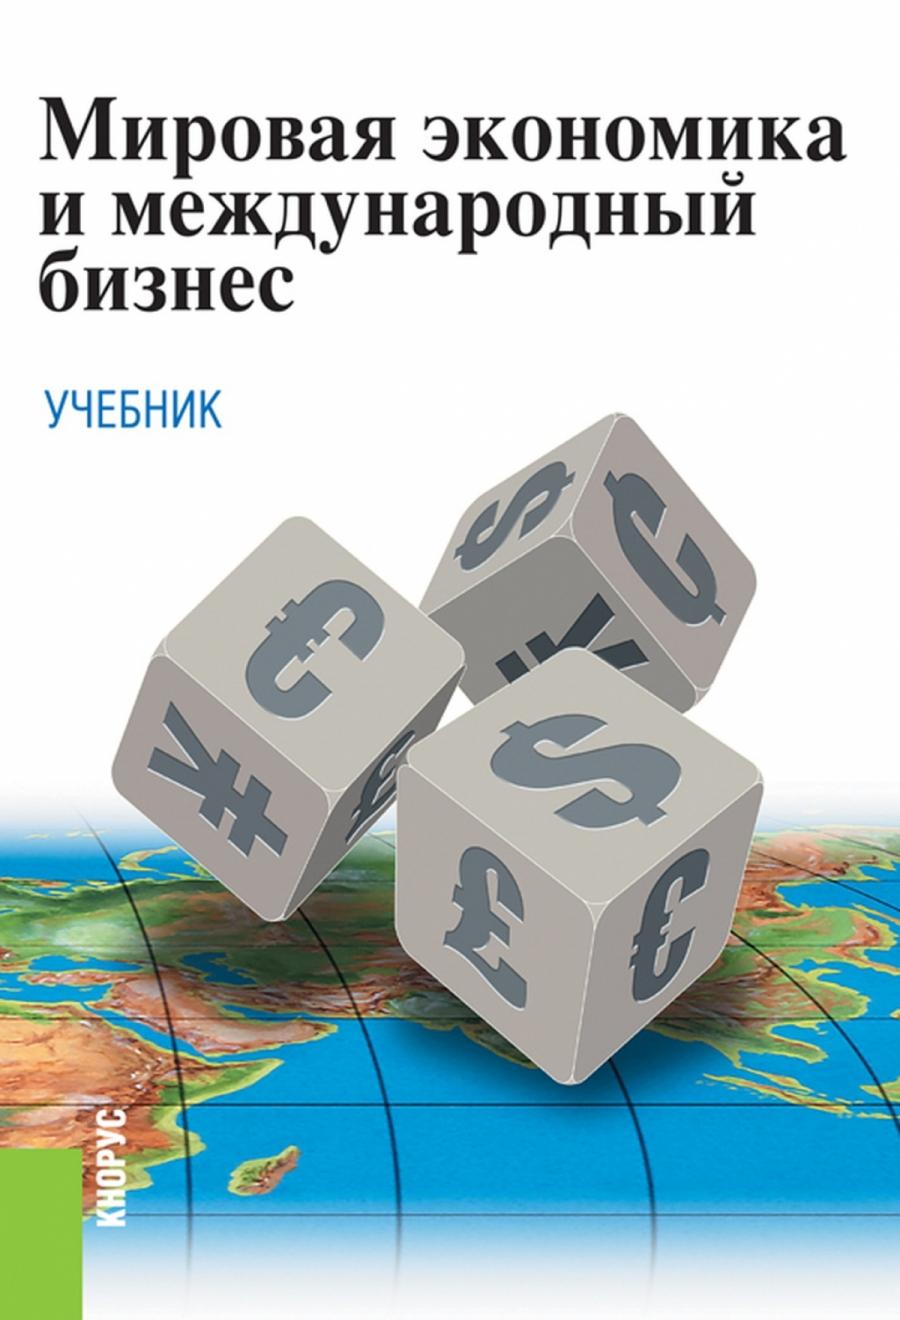 Обложка книги:  поляков в.в., щенин р.к. - мировая экономика и международный бизнес